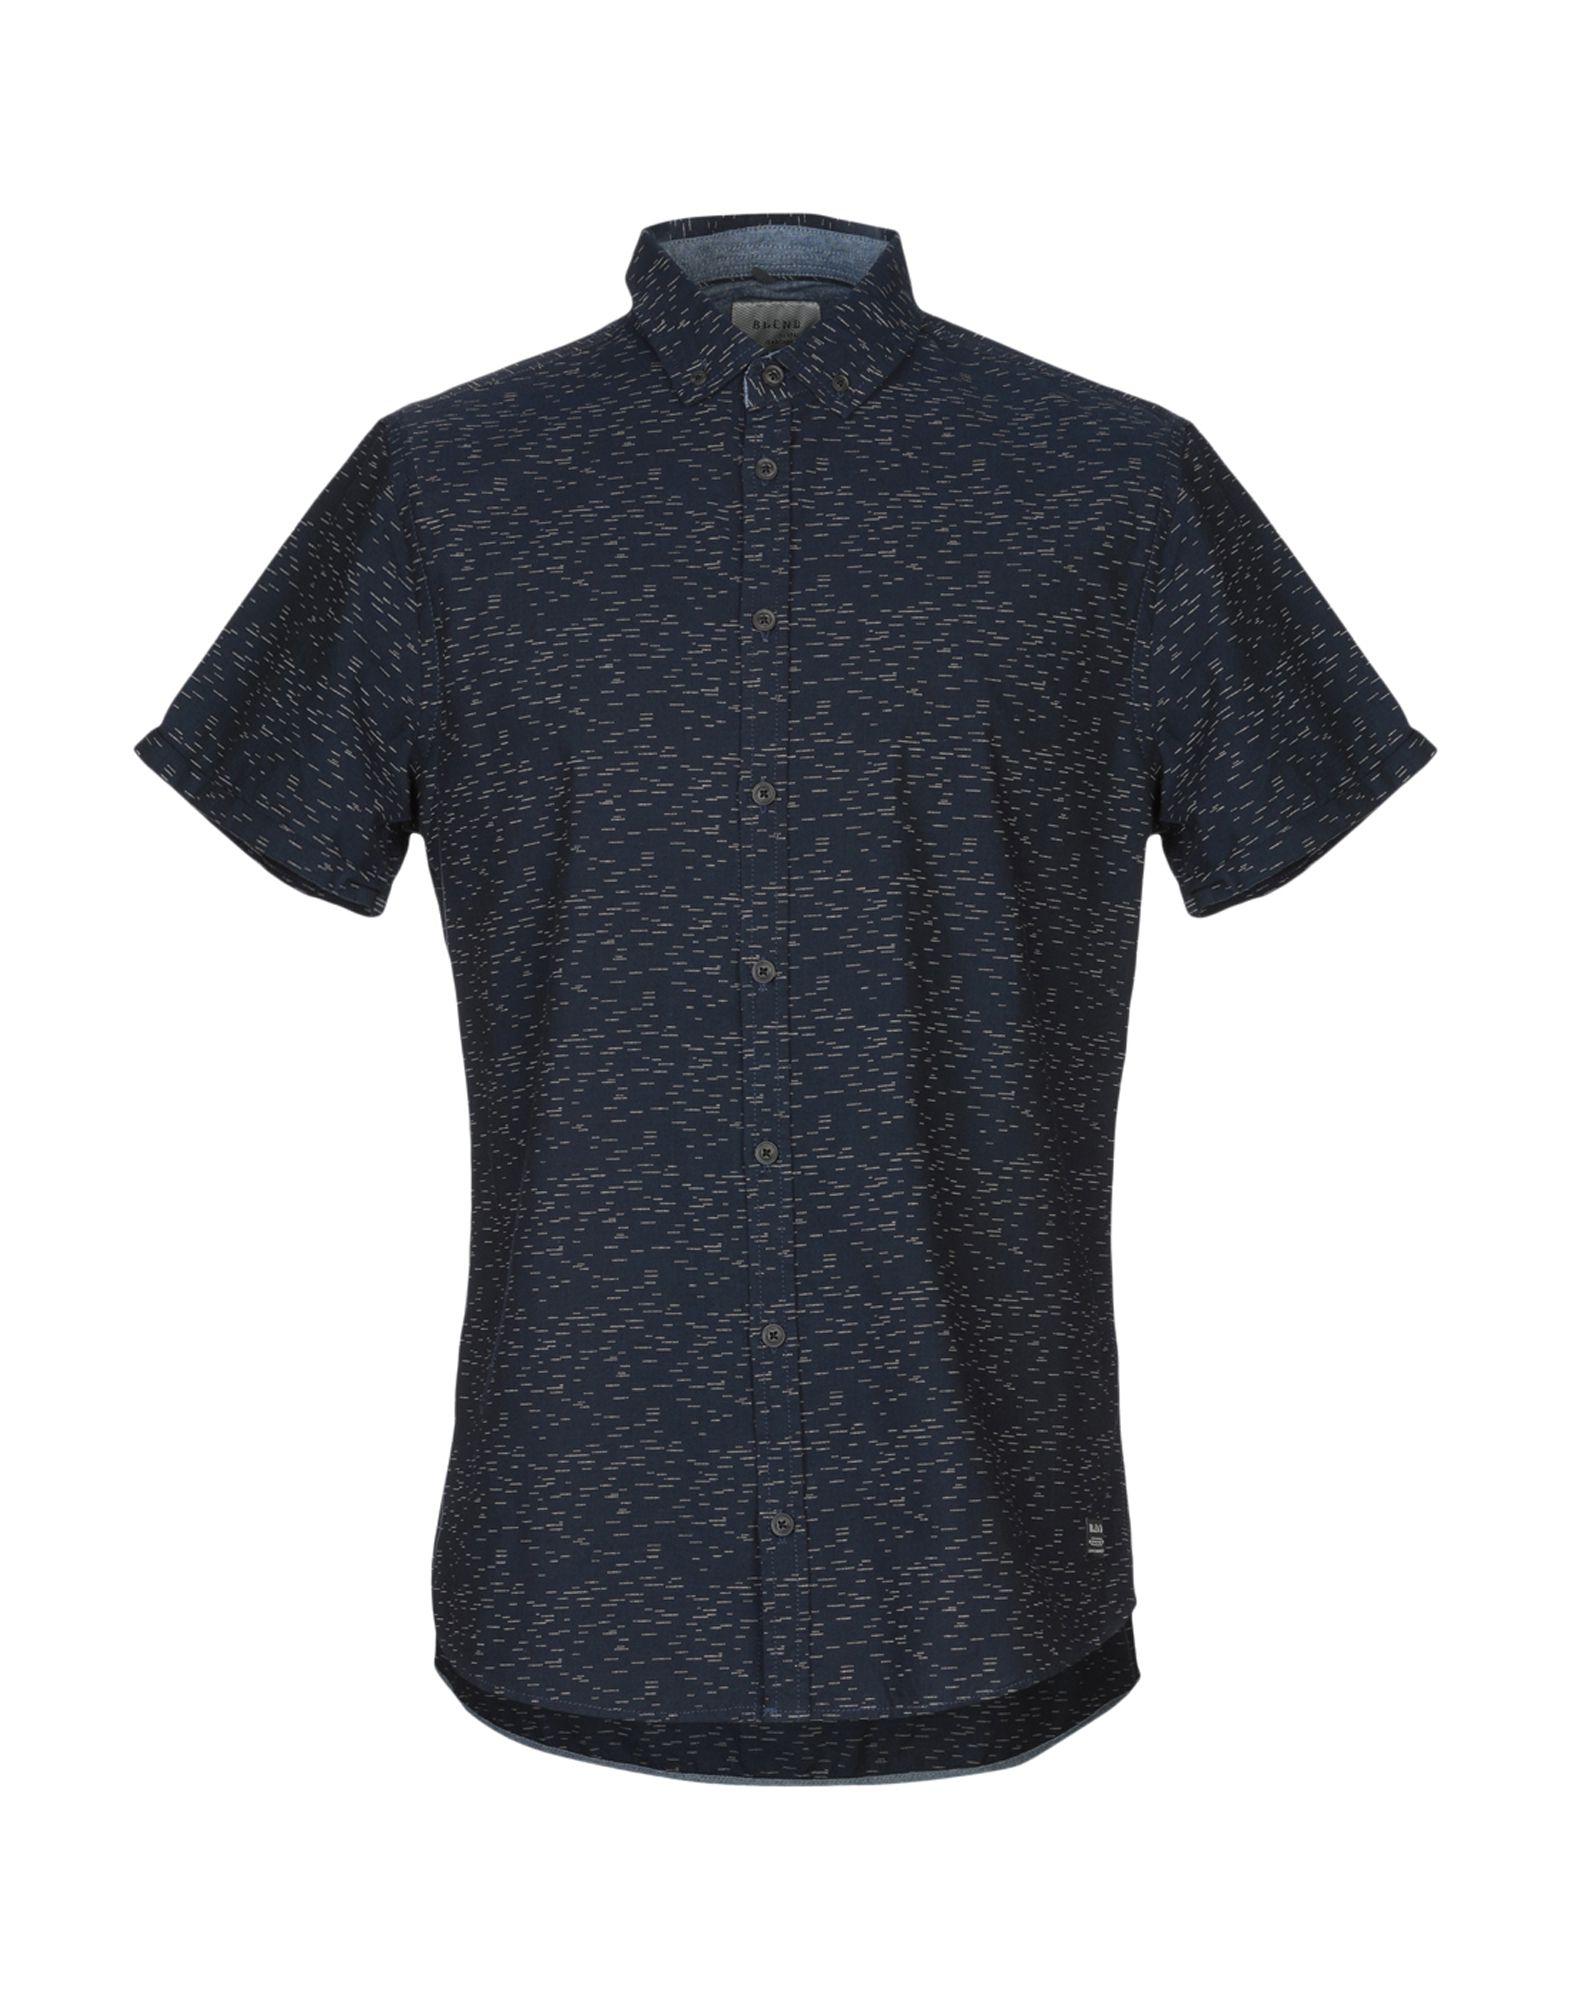 BLEND Pубашка пижама с шортами с рисунком